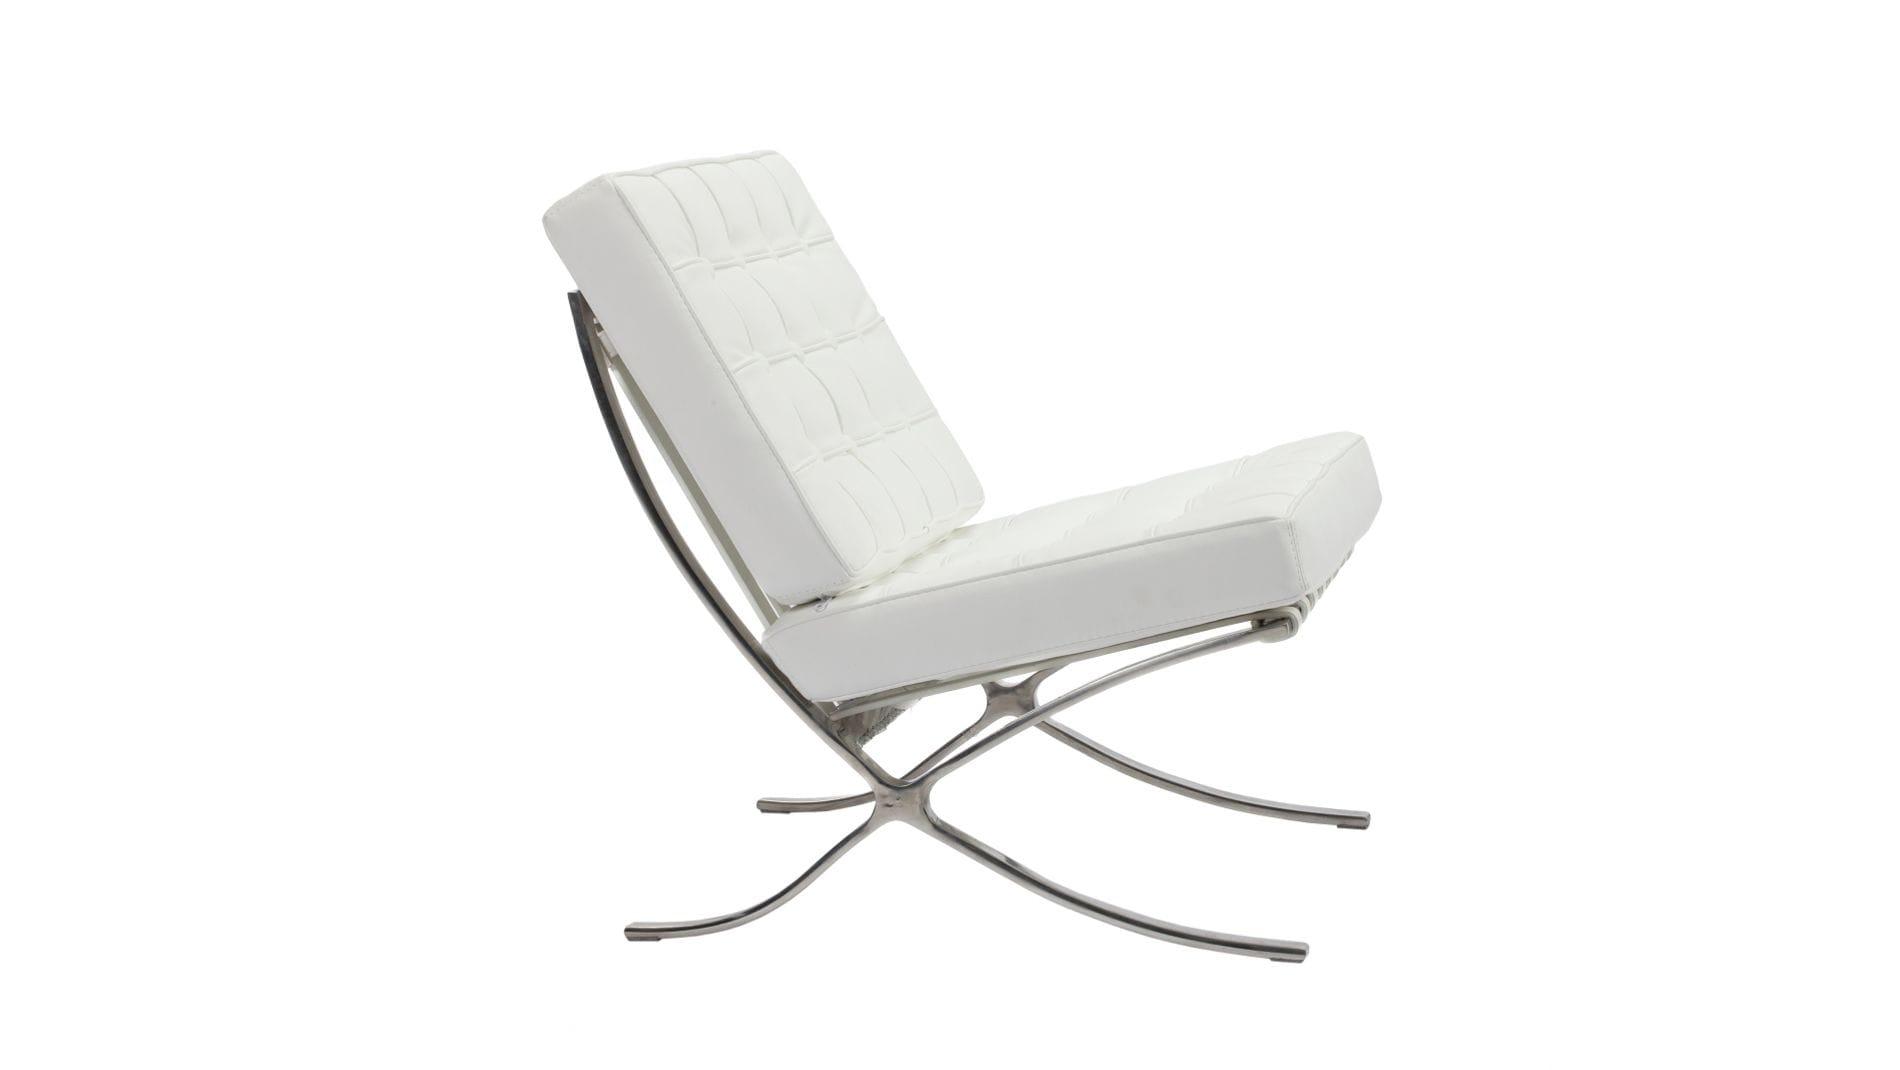 Детское кресло Barcelona Chair Белая Экокожа Р